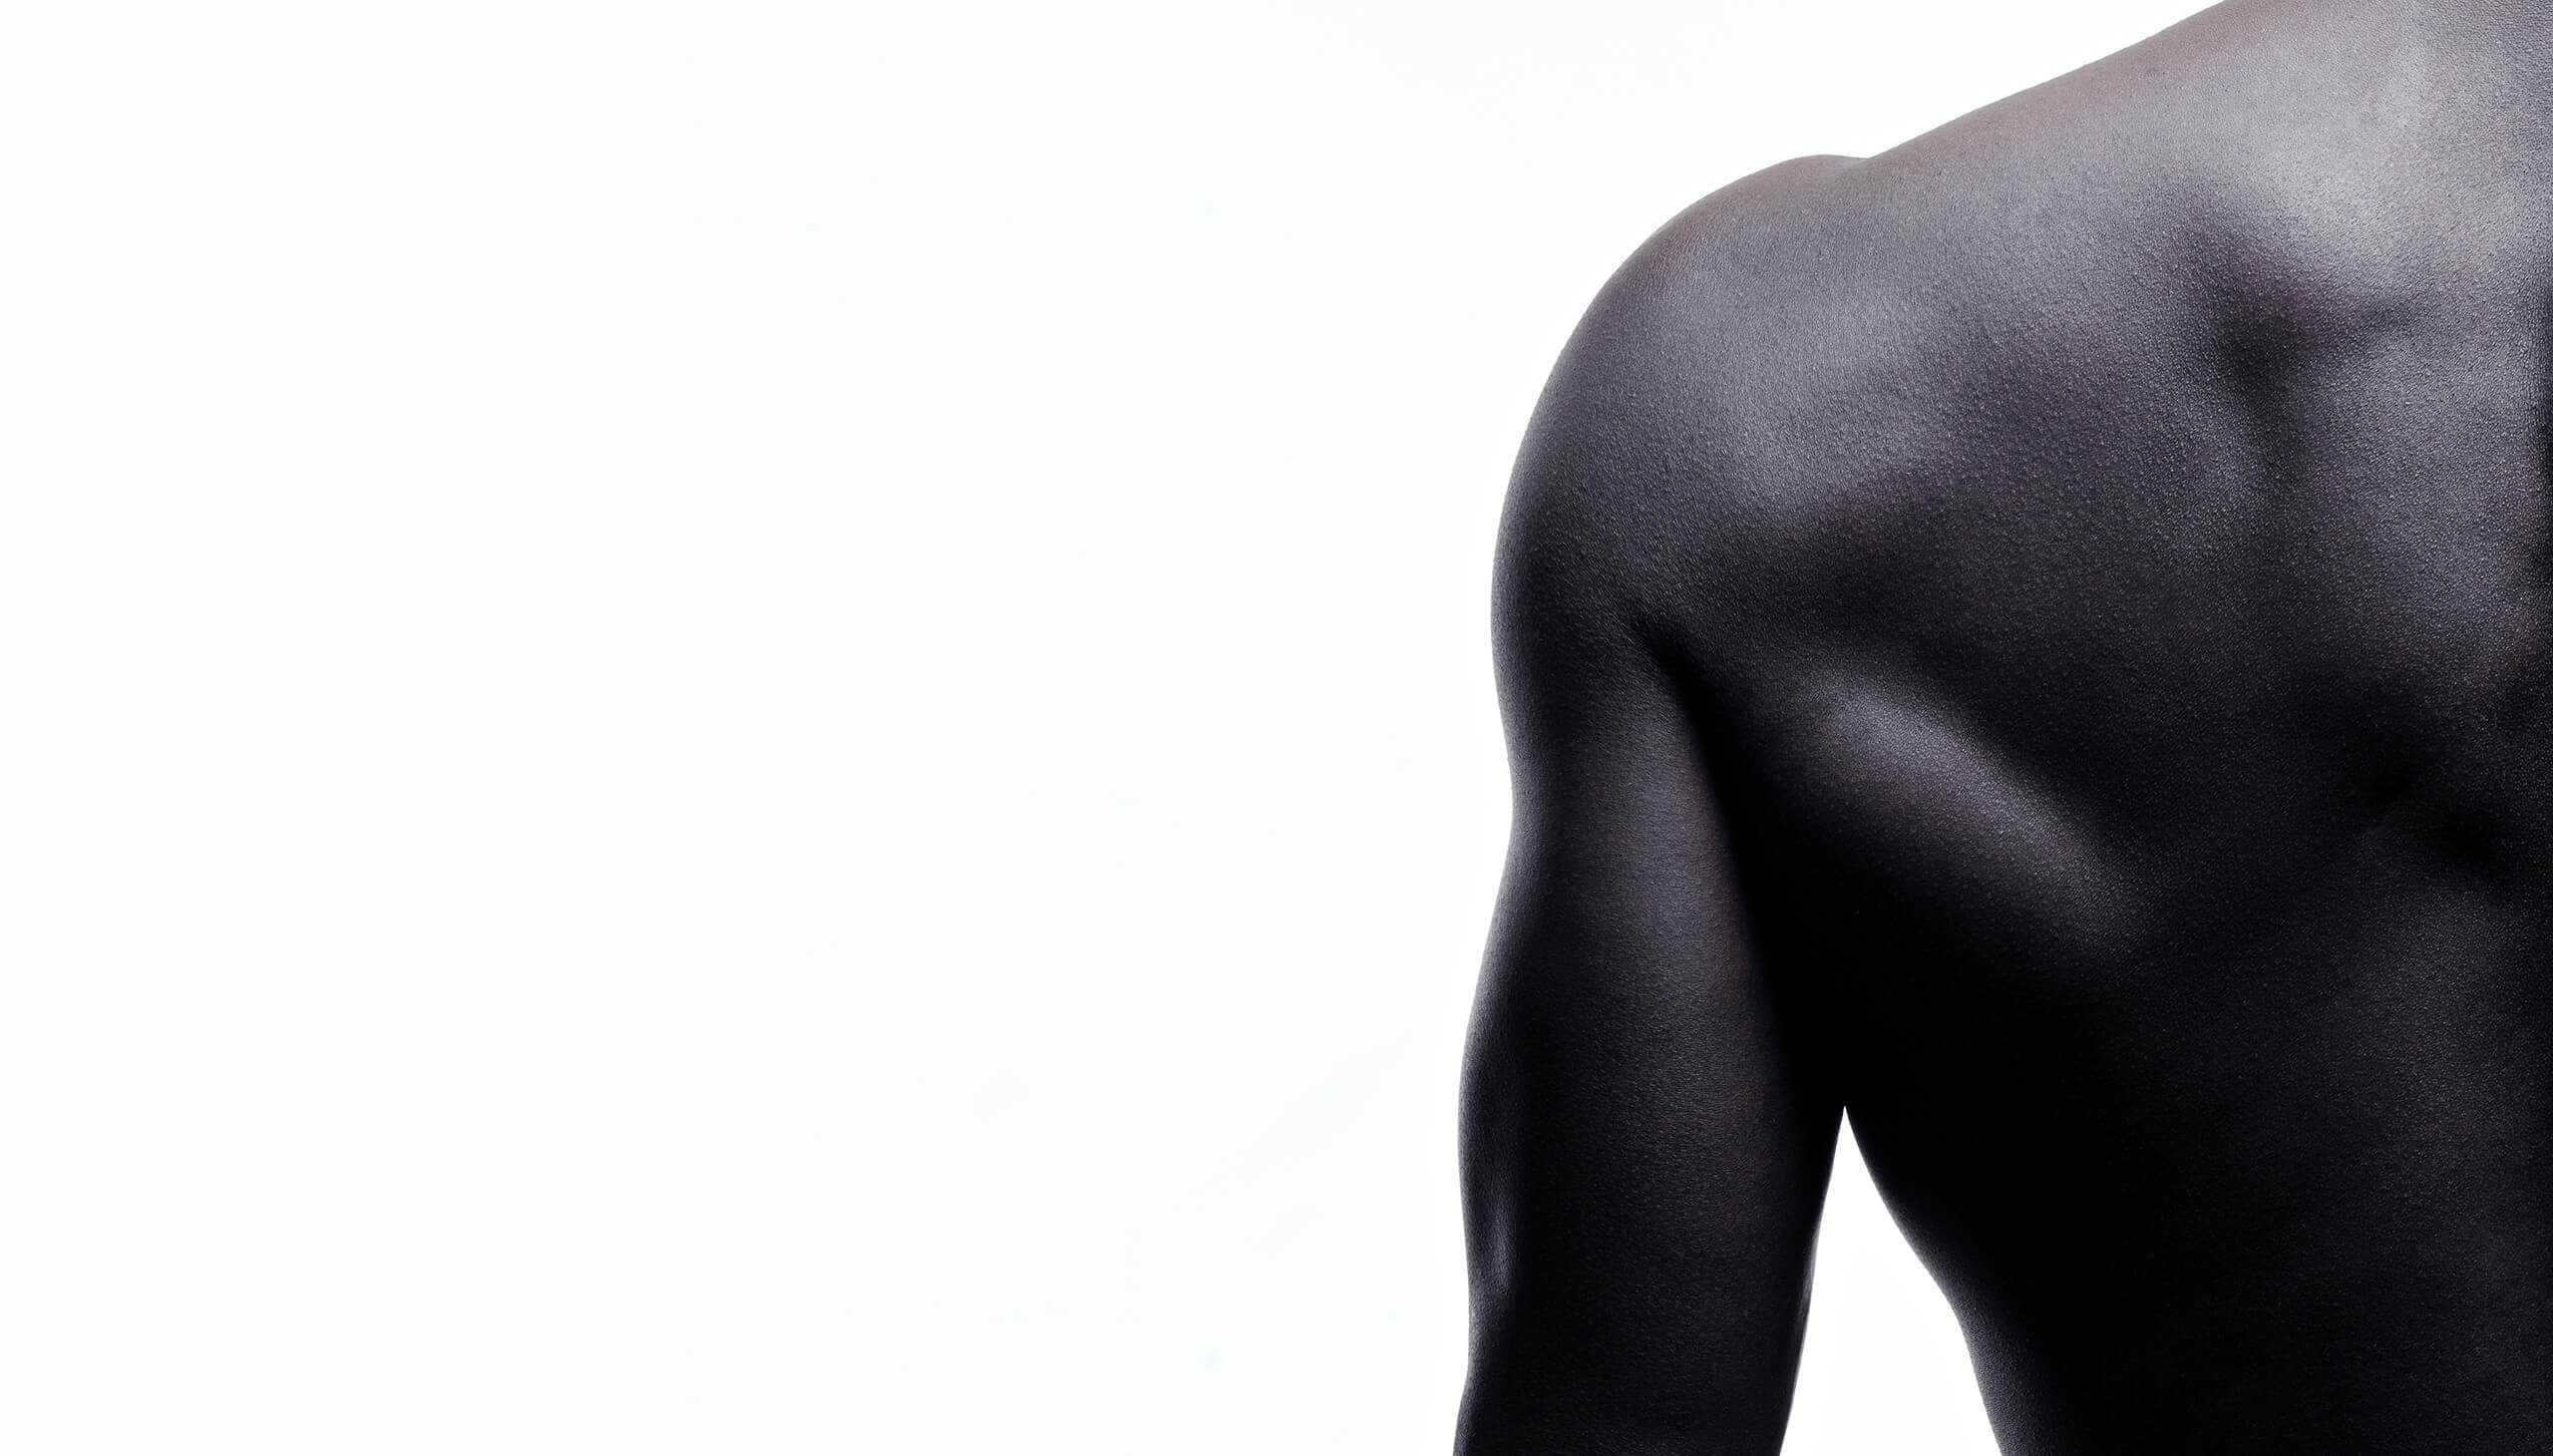 Athletic shoulder - back